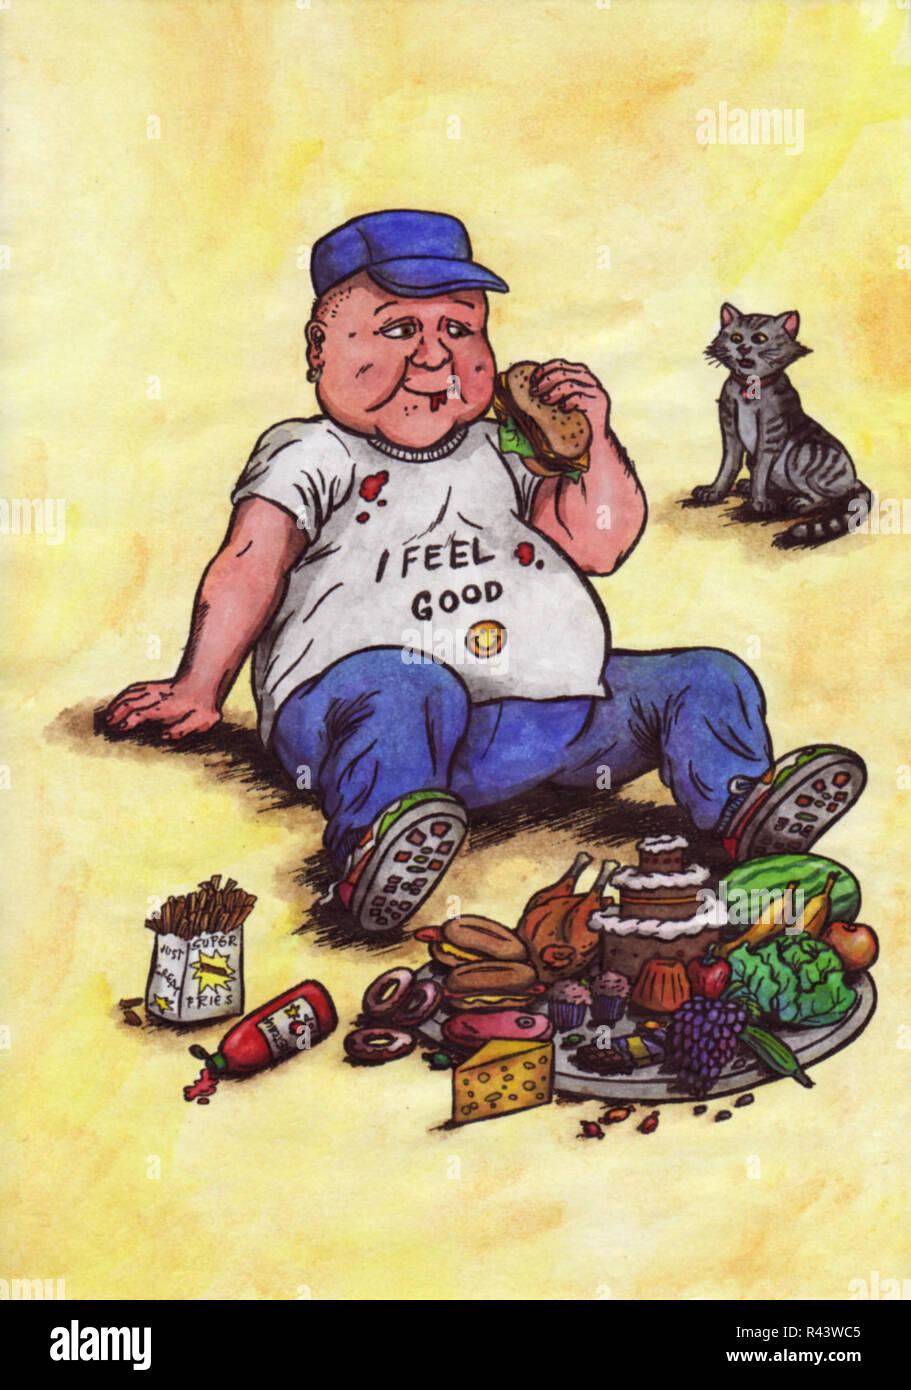 Gatto obeso dei cartoni animati immagini & gatto obeso dei cartoni